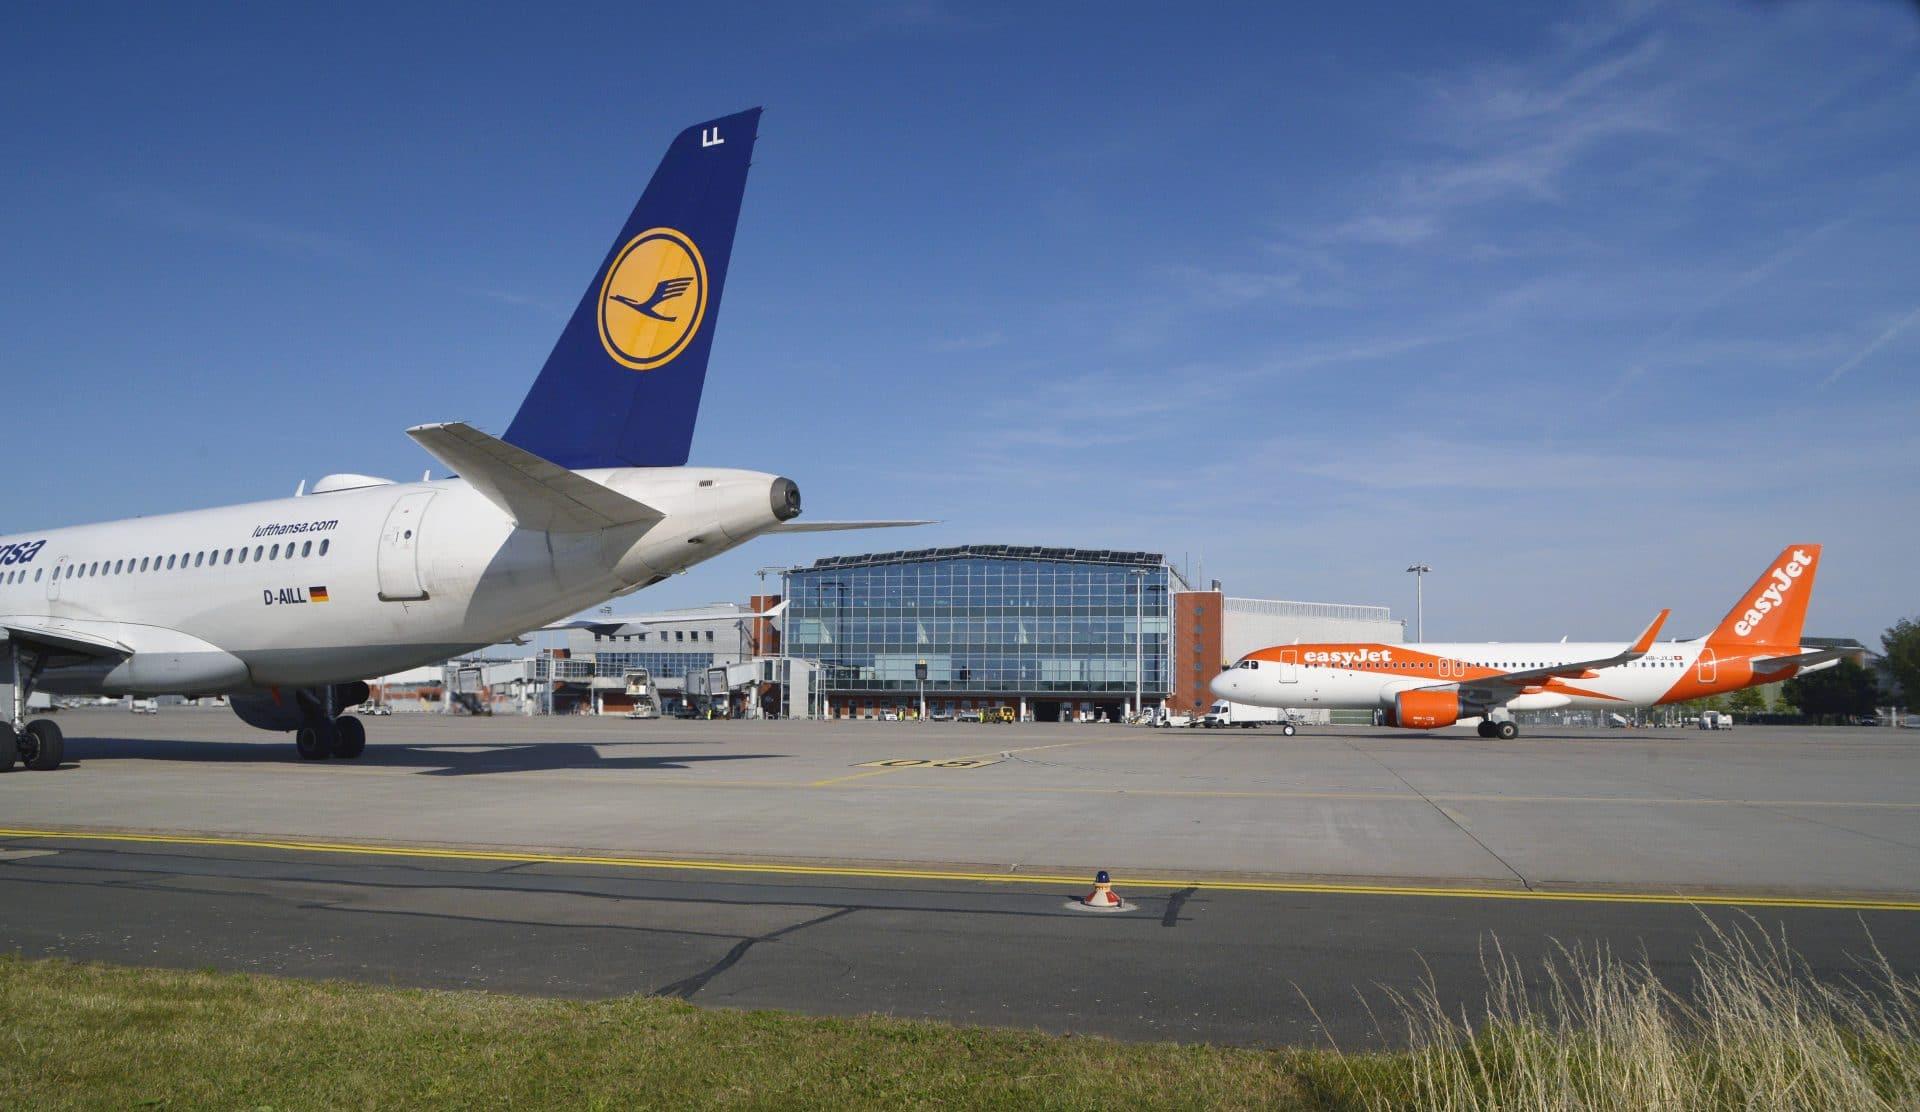 Flughafen Dresden, Lufthansa Airbus A319 & easyJet A320